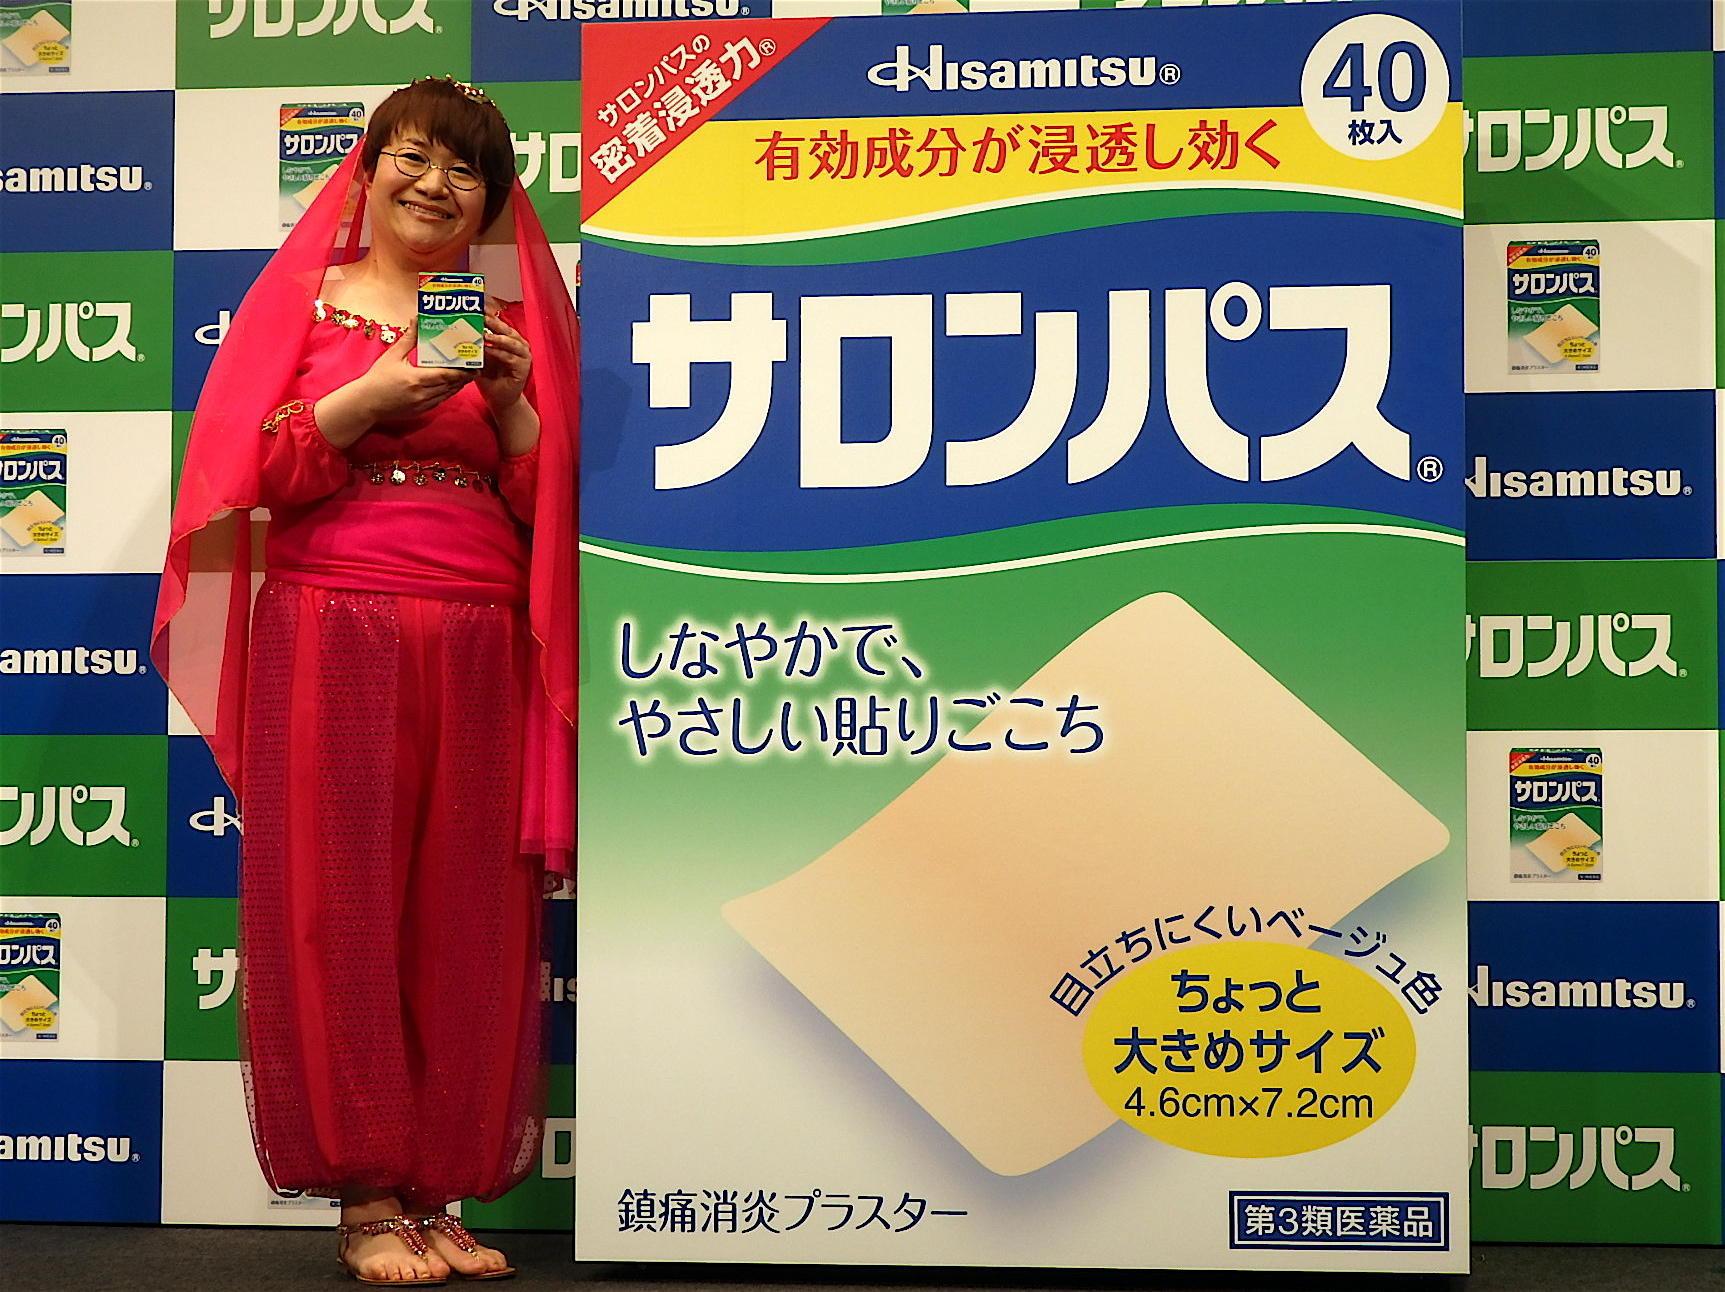 http://news.yoshimoto.co.jp/20160428205123-cfa9614cb476e67de1dbe2500b1b2cb65bc934bb.jpg